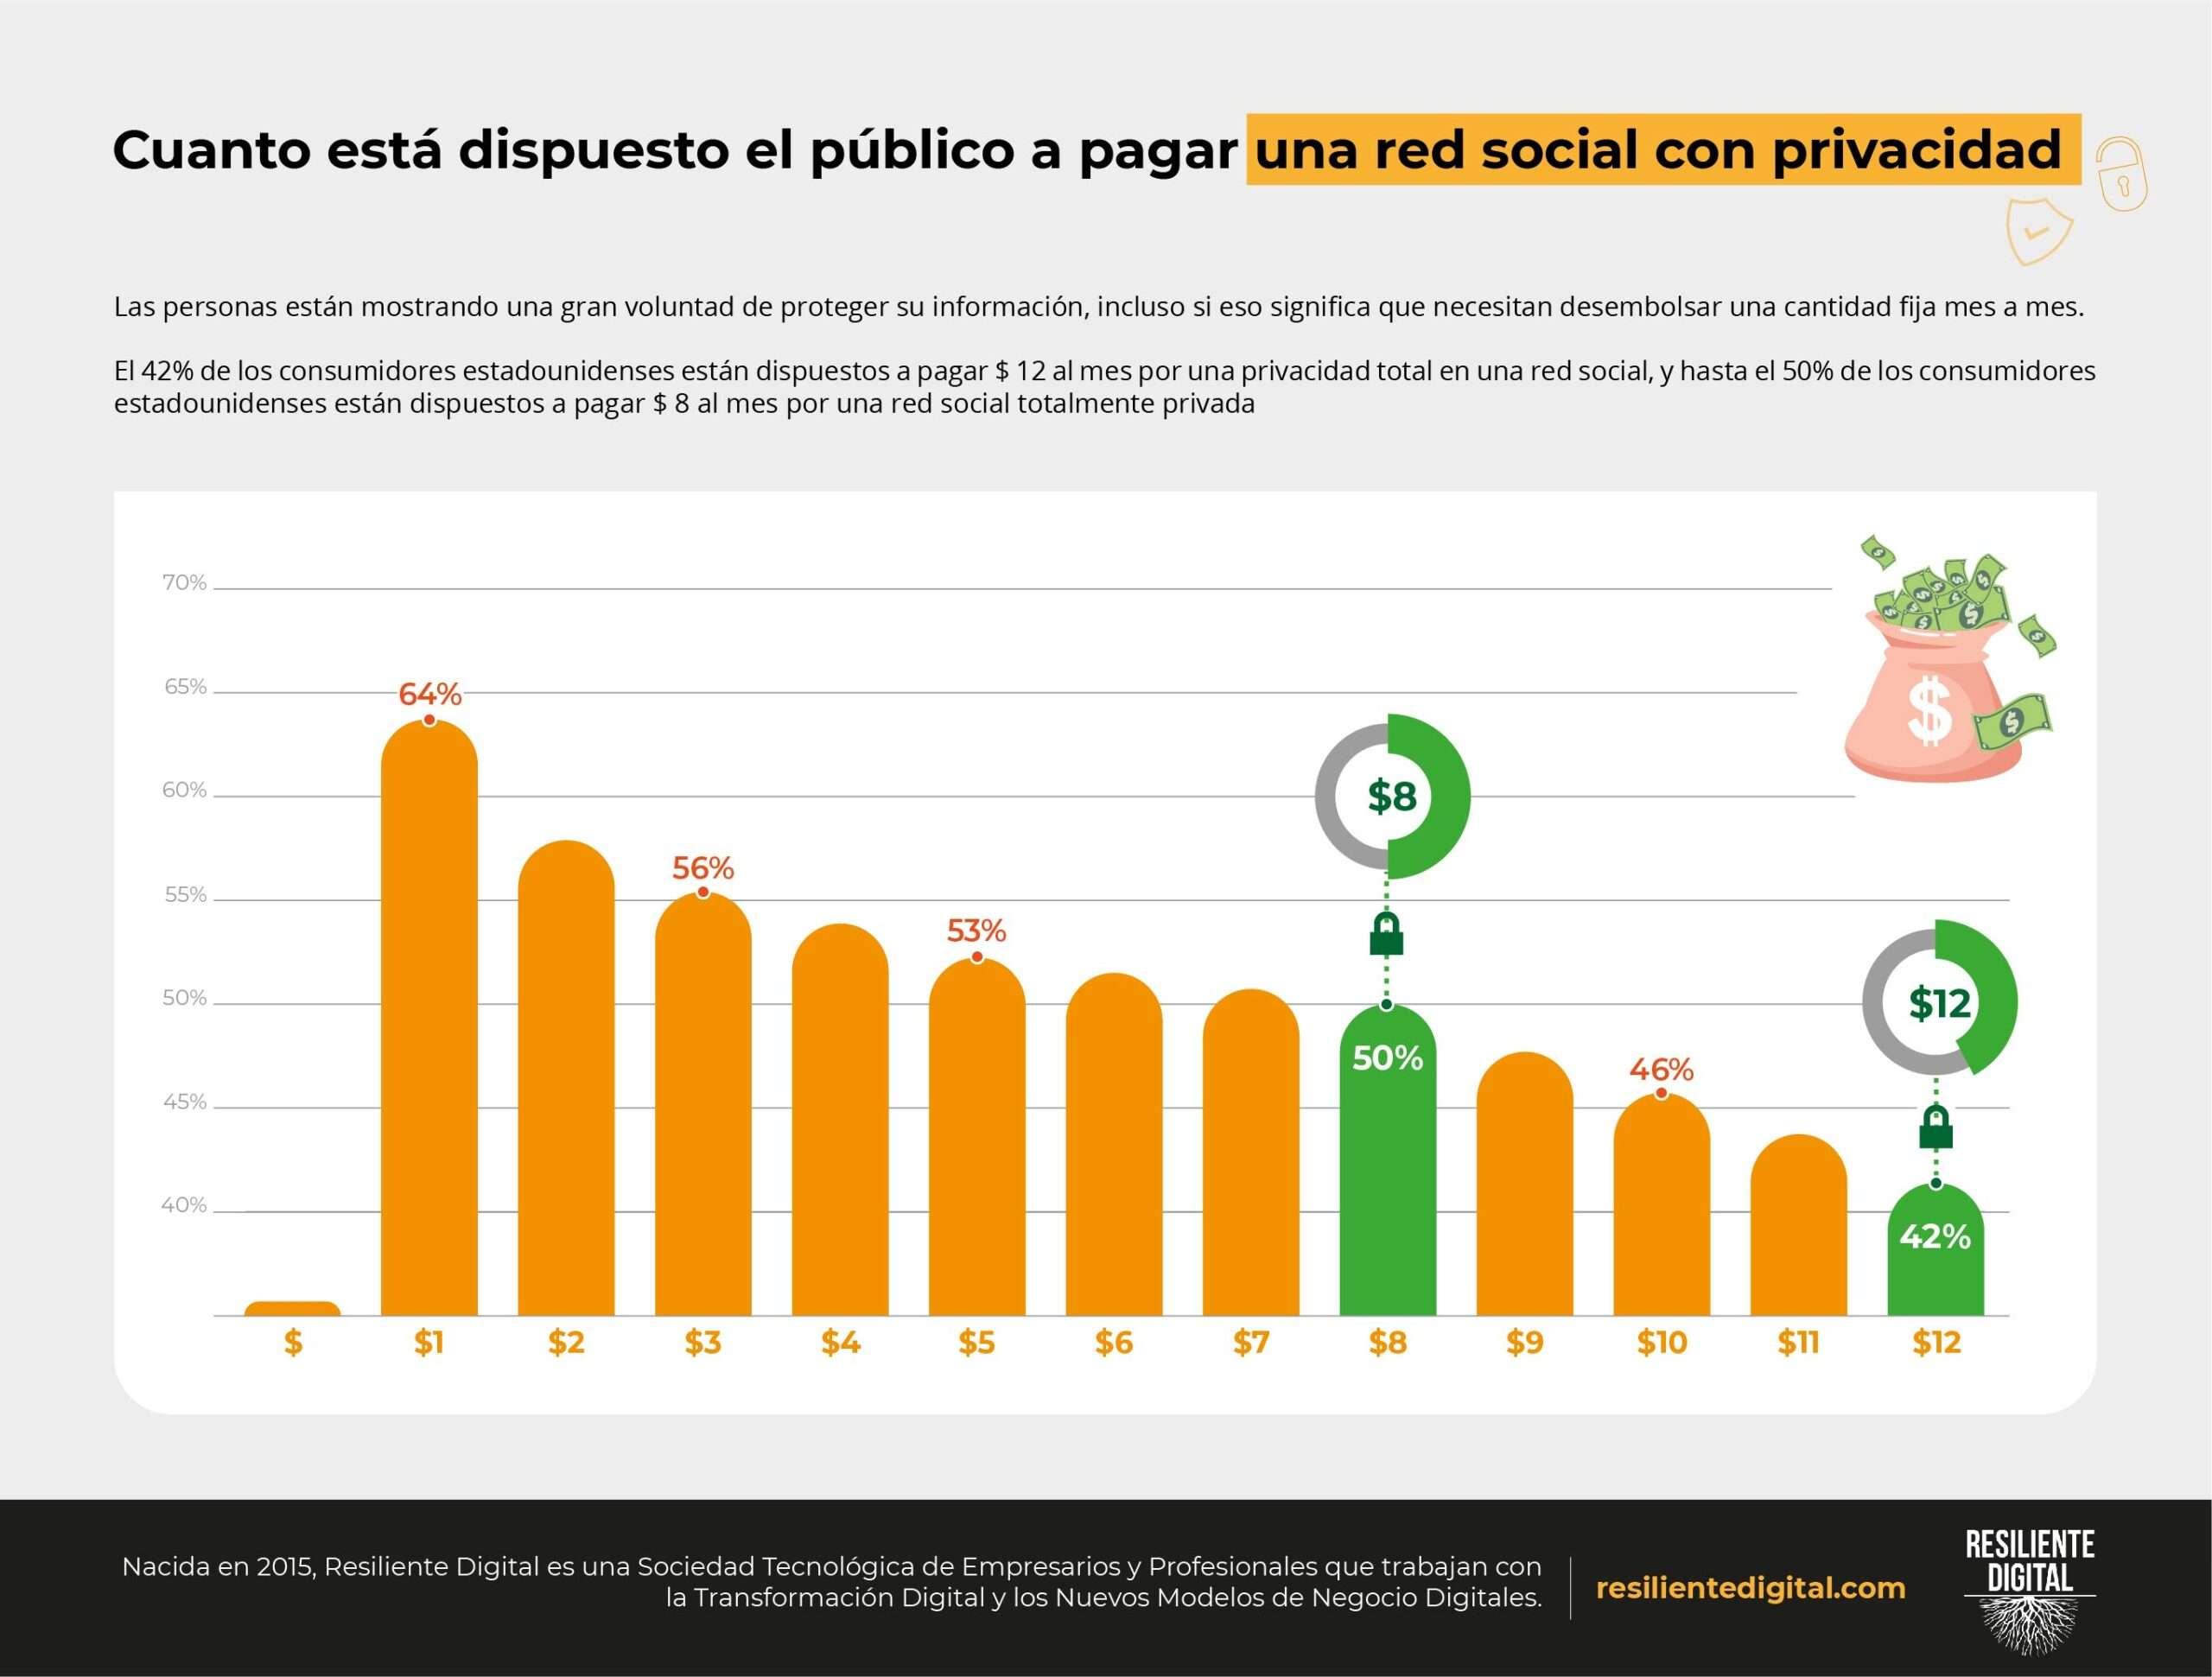 Cuanto está dispuesto el público a pagar una red social con privacidad